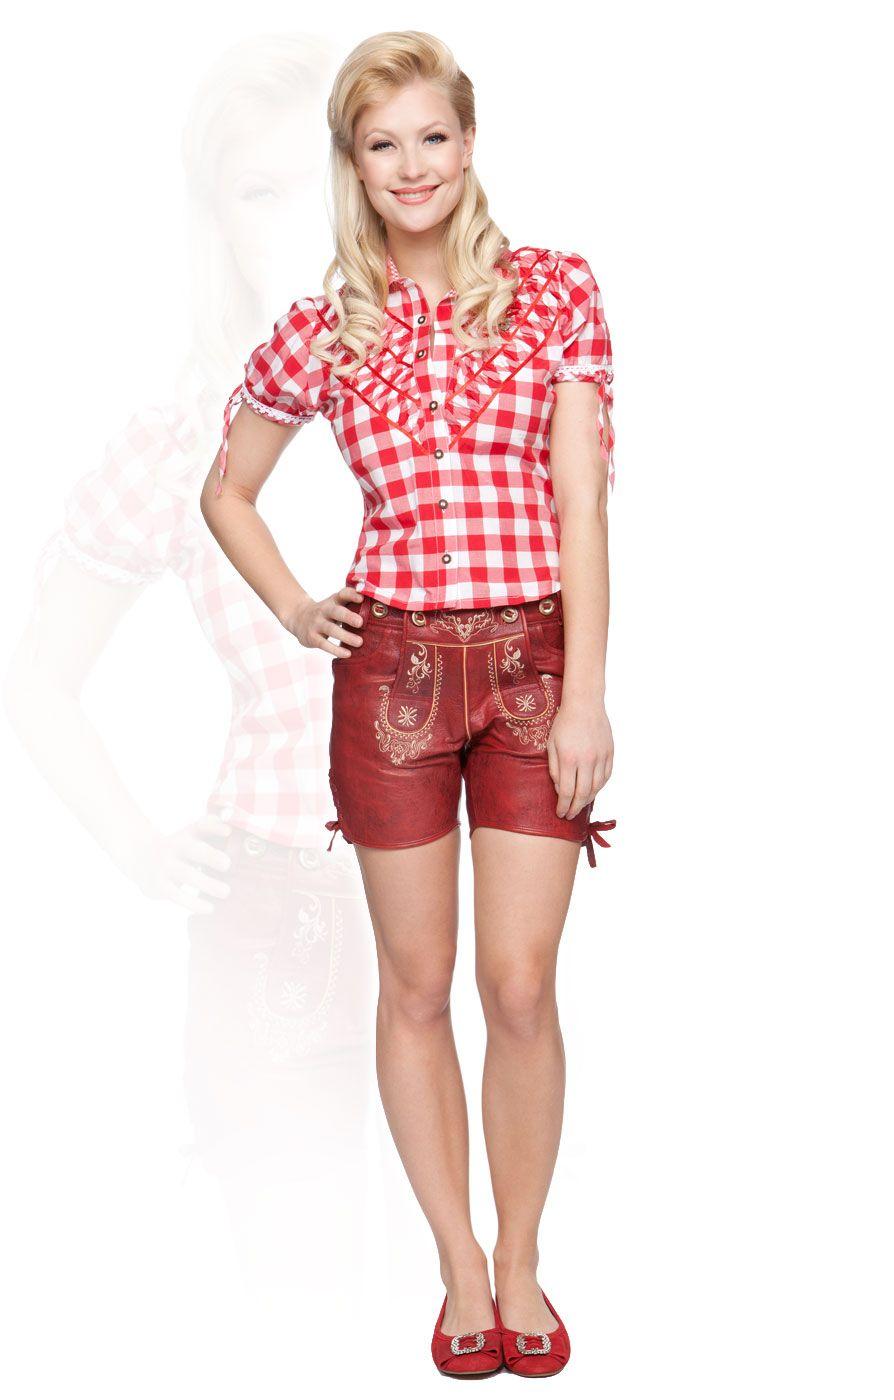 e704577c684e1b Stockerpoint Trachten Lederhose Jane red Ledershort kurz | bavarian ...